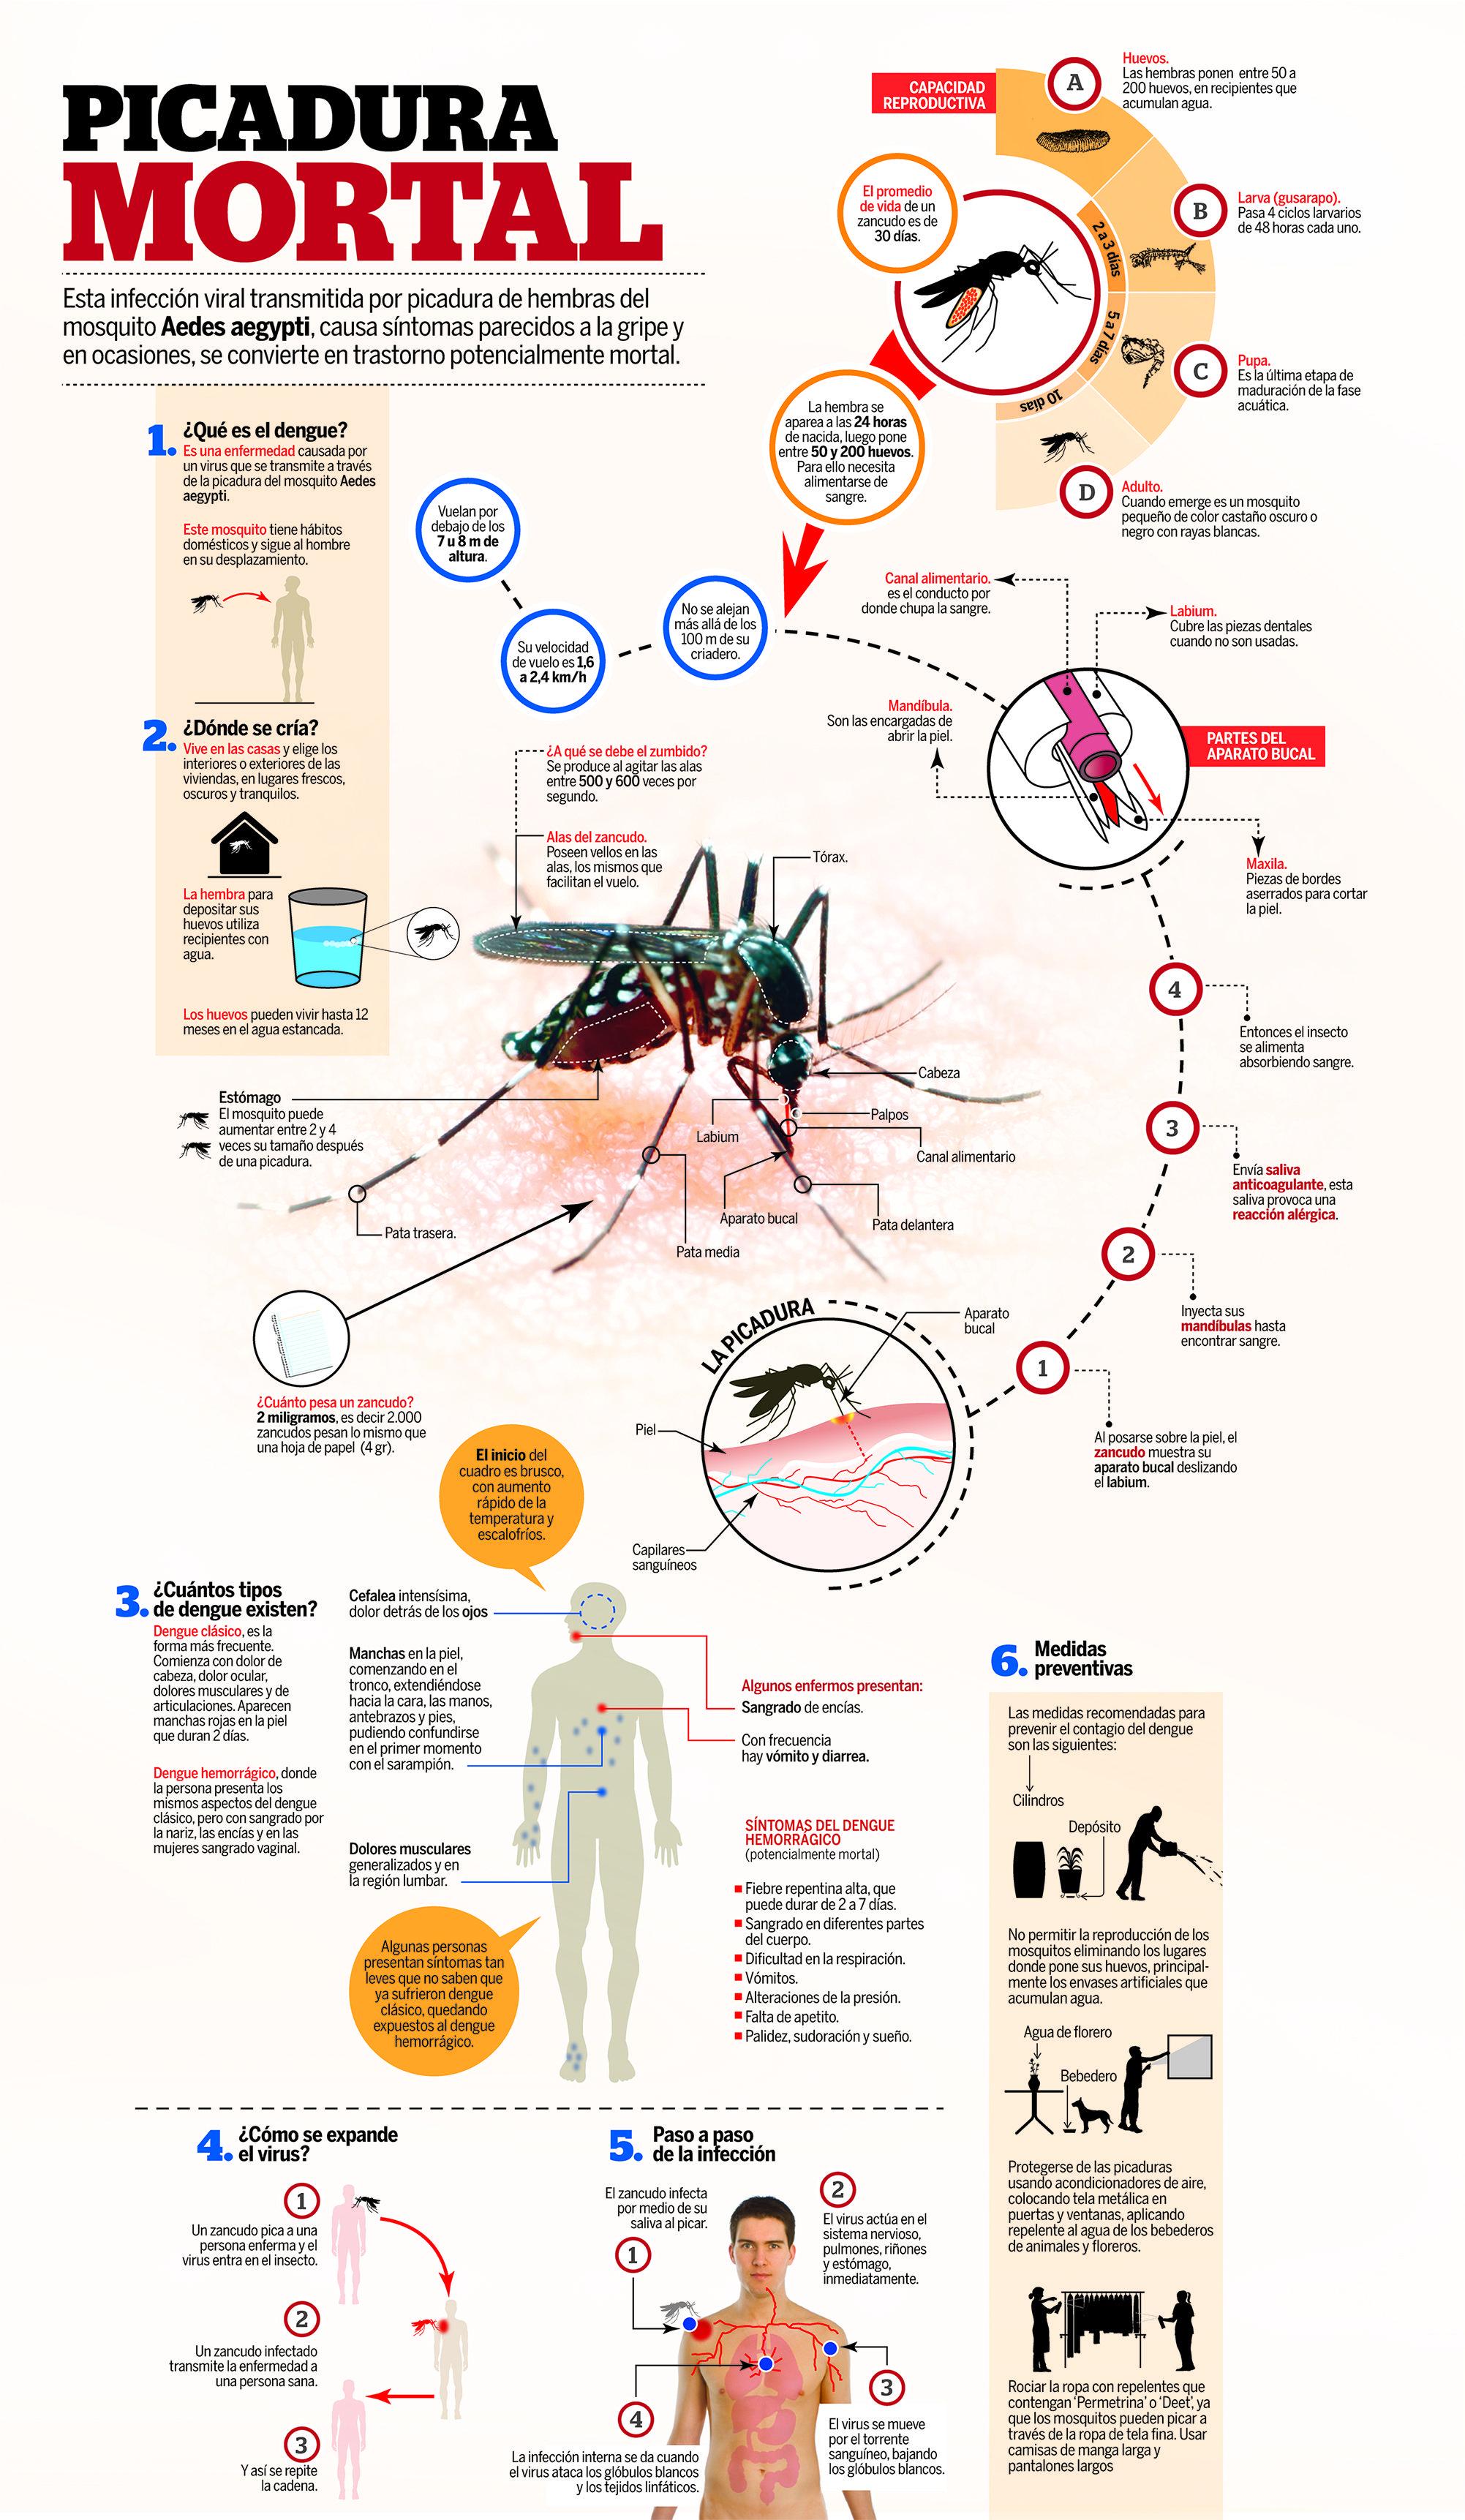 Esta infección viral transmitida por picadura de hembras